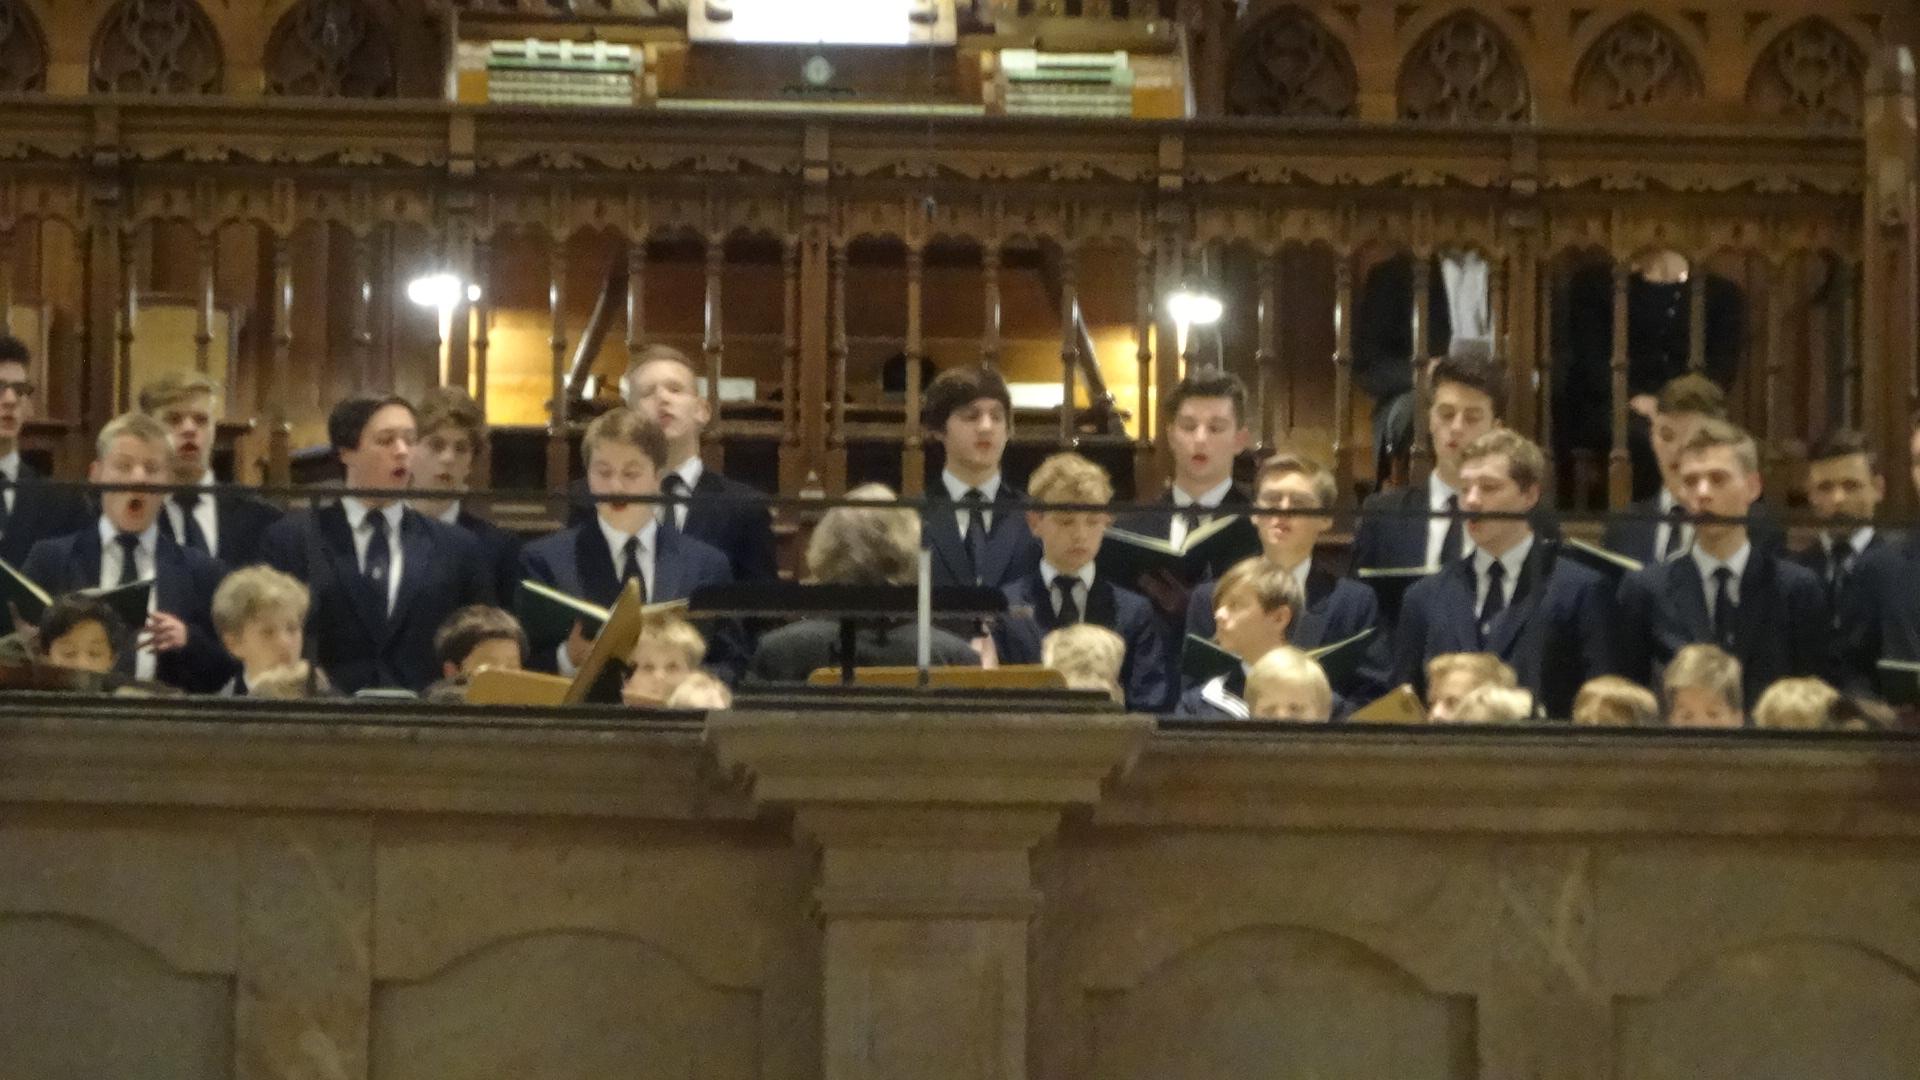 聖トーマス教会合唱団の若者たち